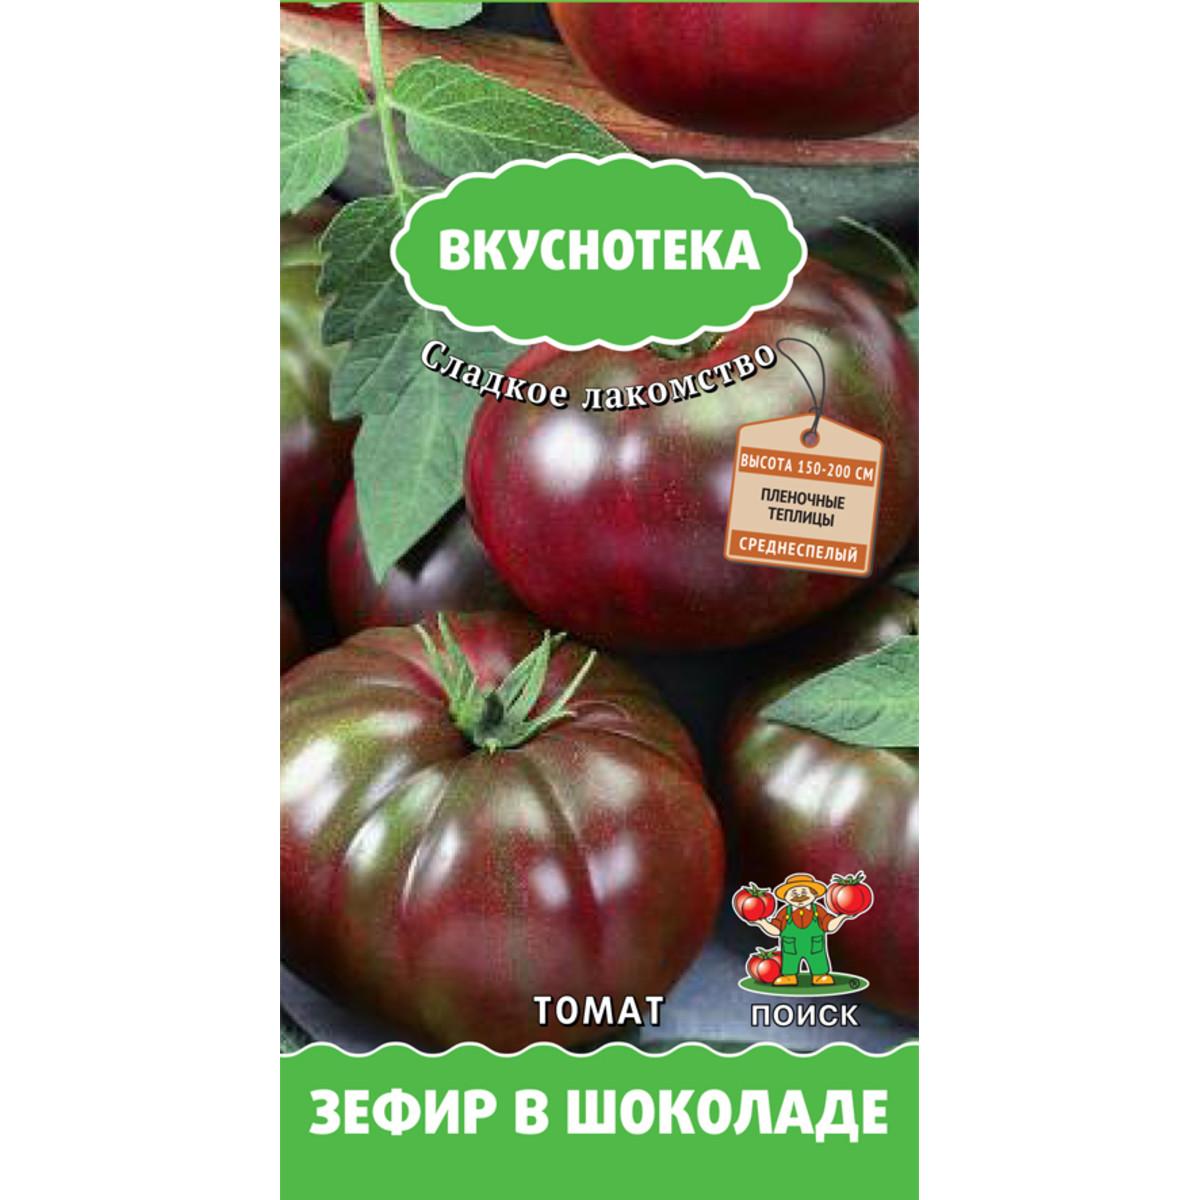 Семена Томат Вкуснотека Зефир в шоколаде (А) 12 г